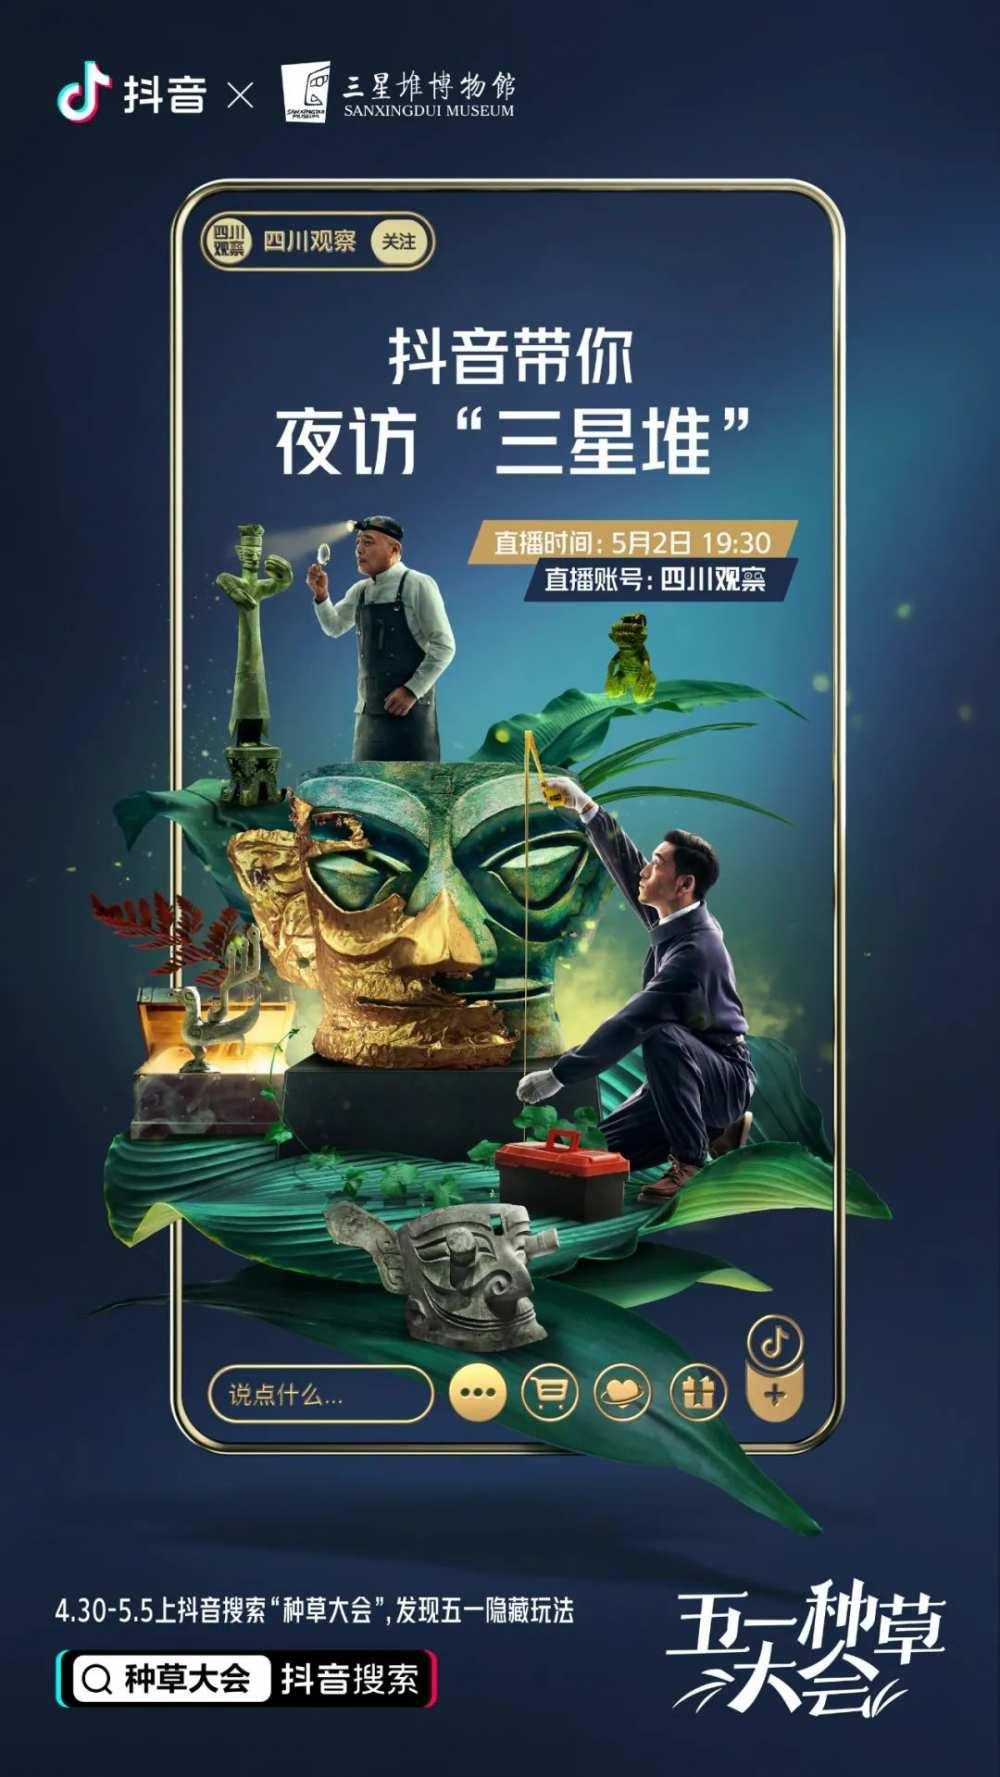 史上最热黄金周?上<a href='https://www.zhouxiaohui.cn/douyin/'>抖音种草</a>五一隐藏玩法!-第4张图片-周小辉博客